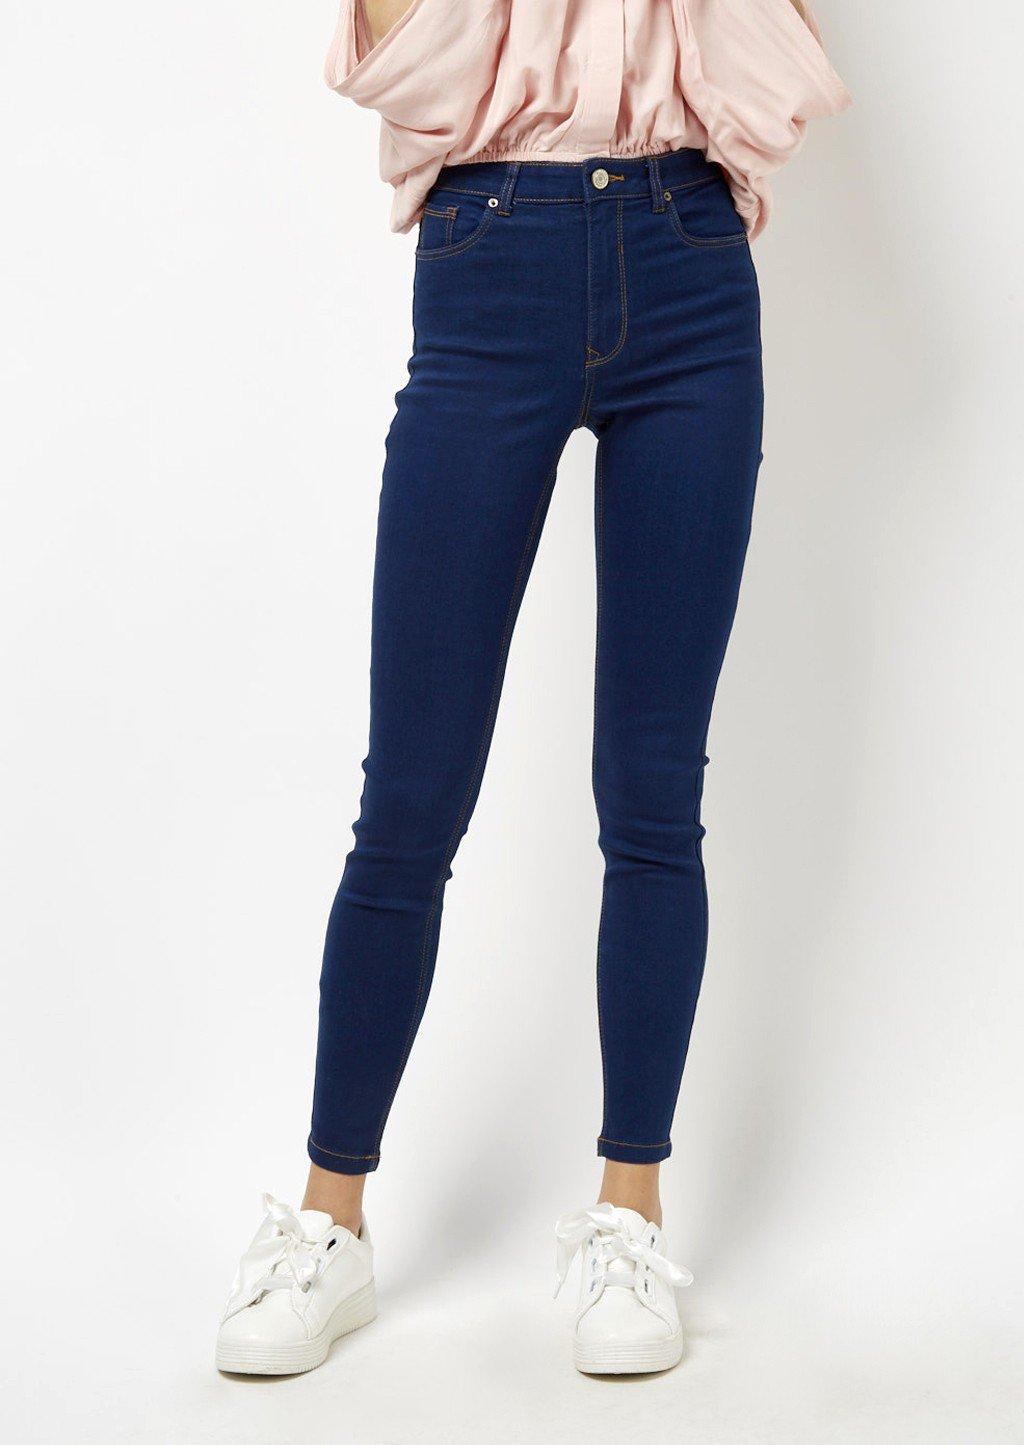 Jeans a vita alta Alcott collezione primavera estate 2018